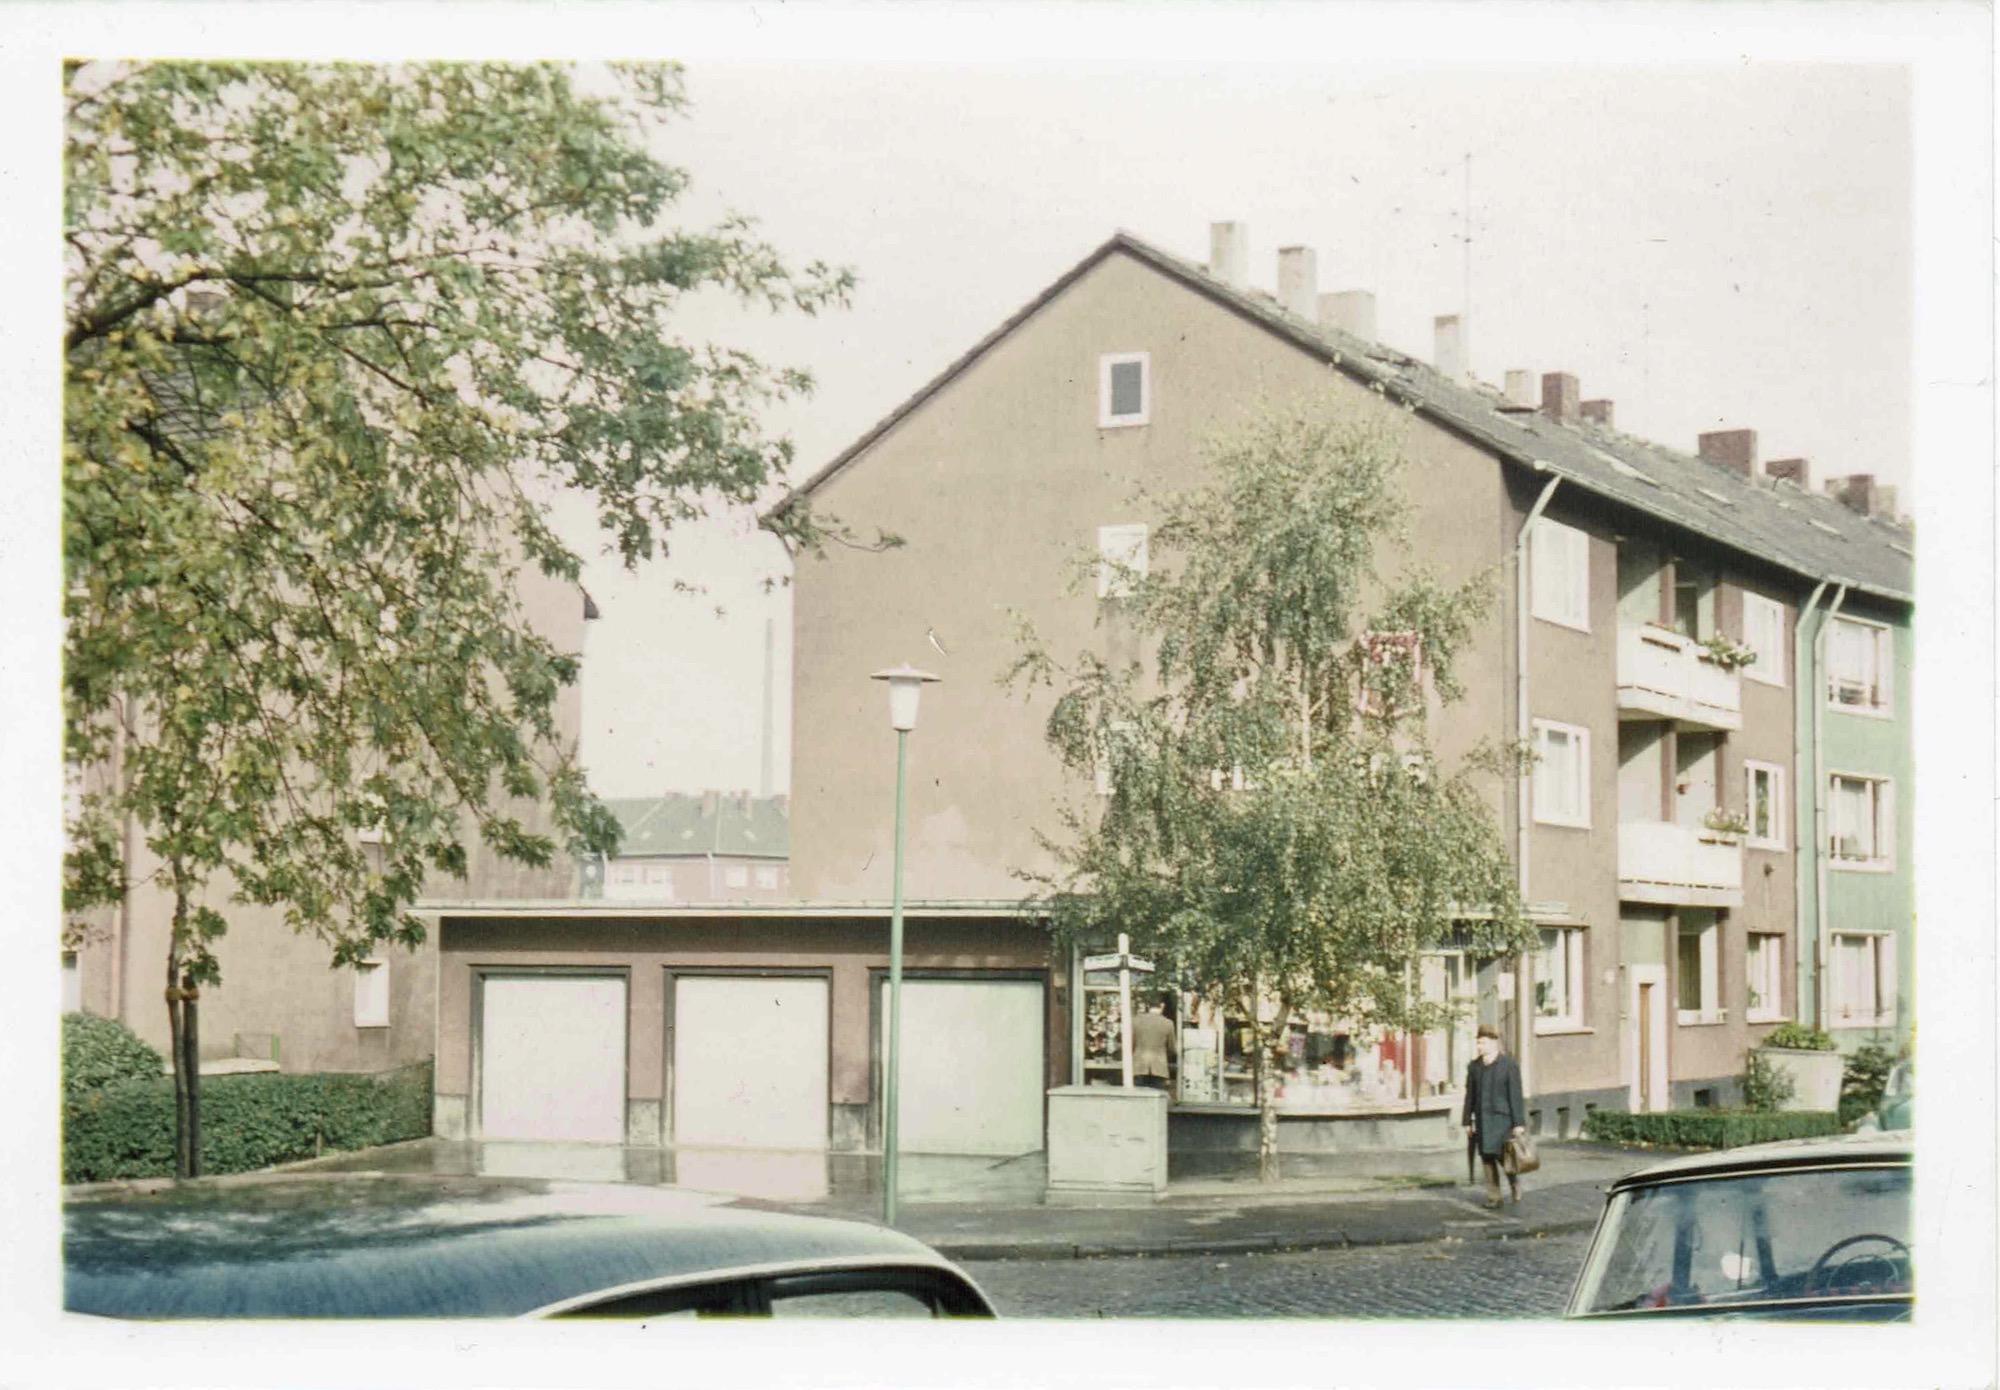 Bild eines Kiosk in Bochum. Ca. 80er Jahre.